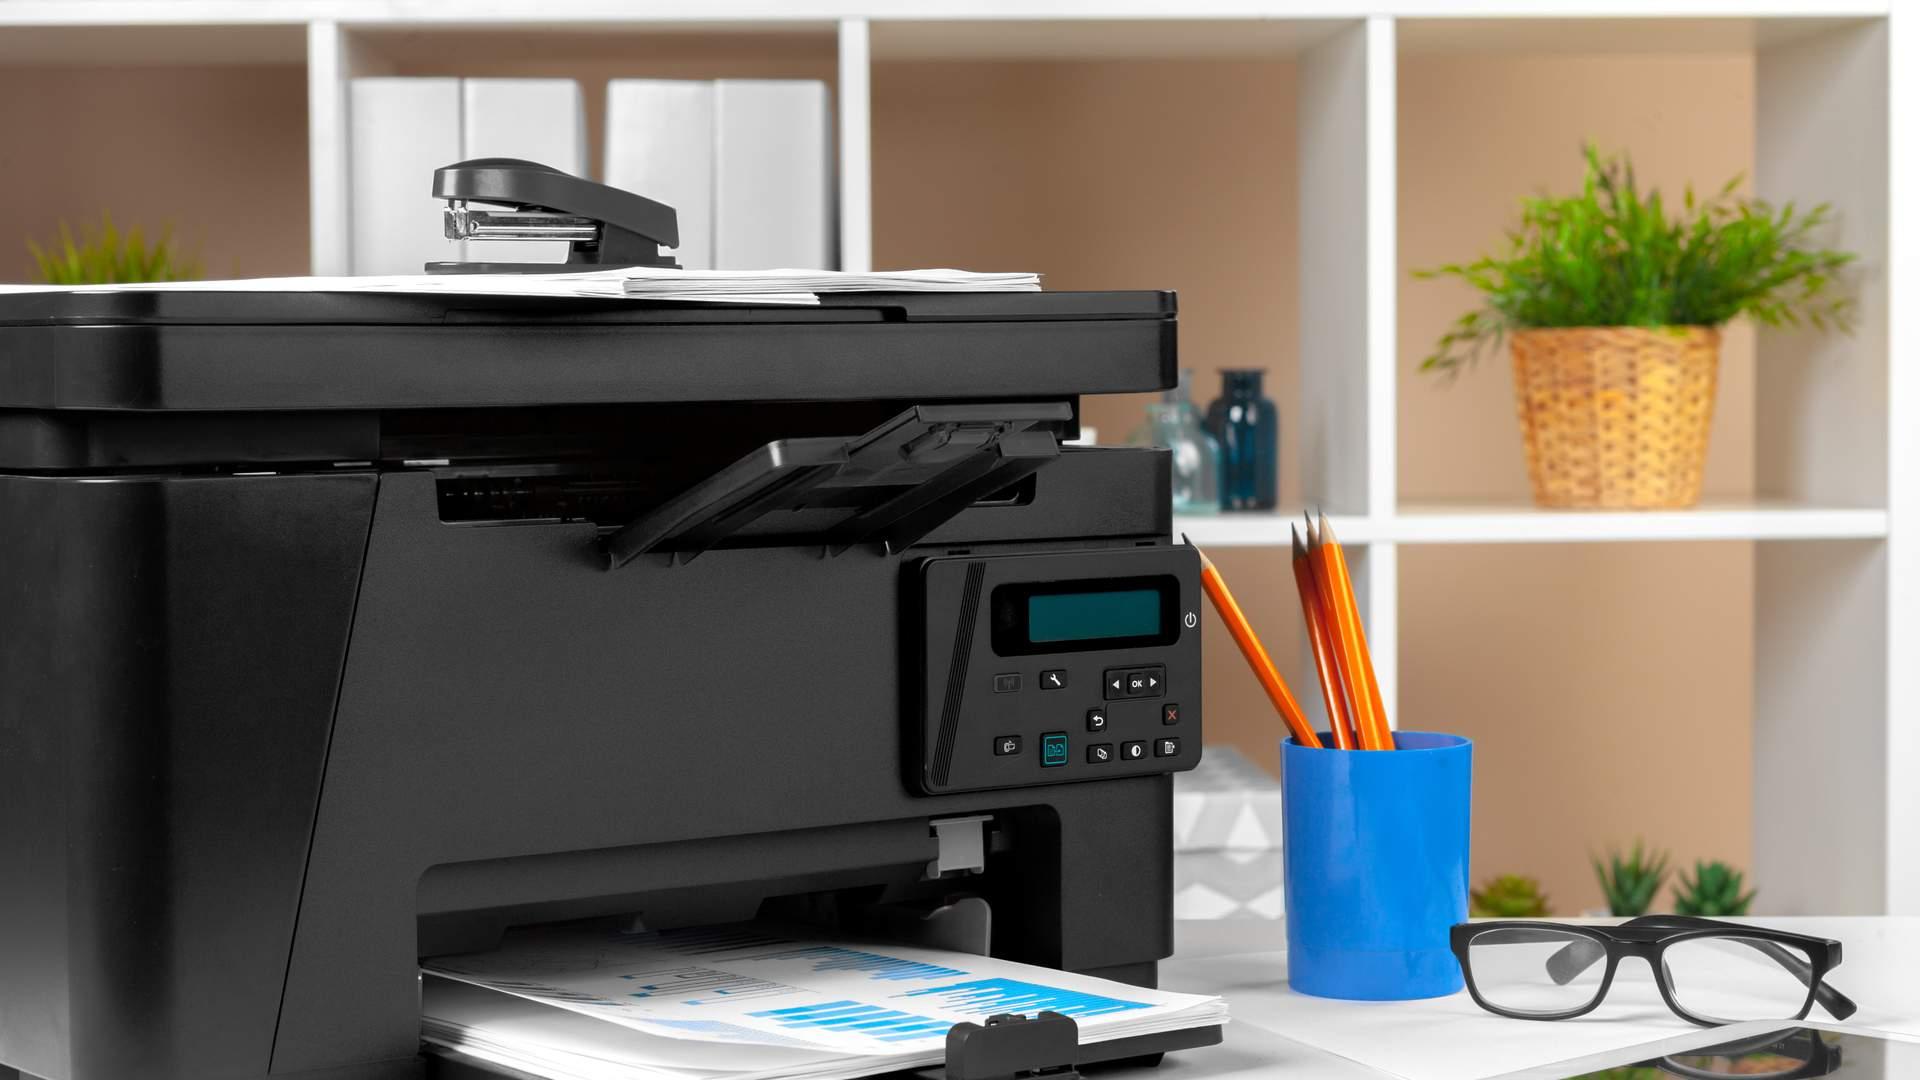 Impressora grande e preta à esquerda da tela, sobre mesa de escritório com óculos e copo com diversos lápis em volta